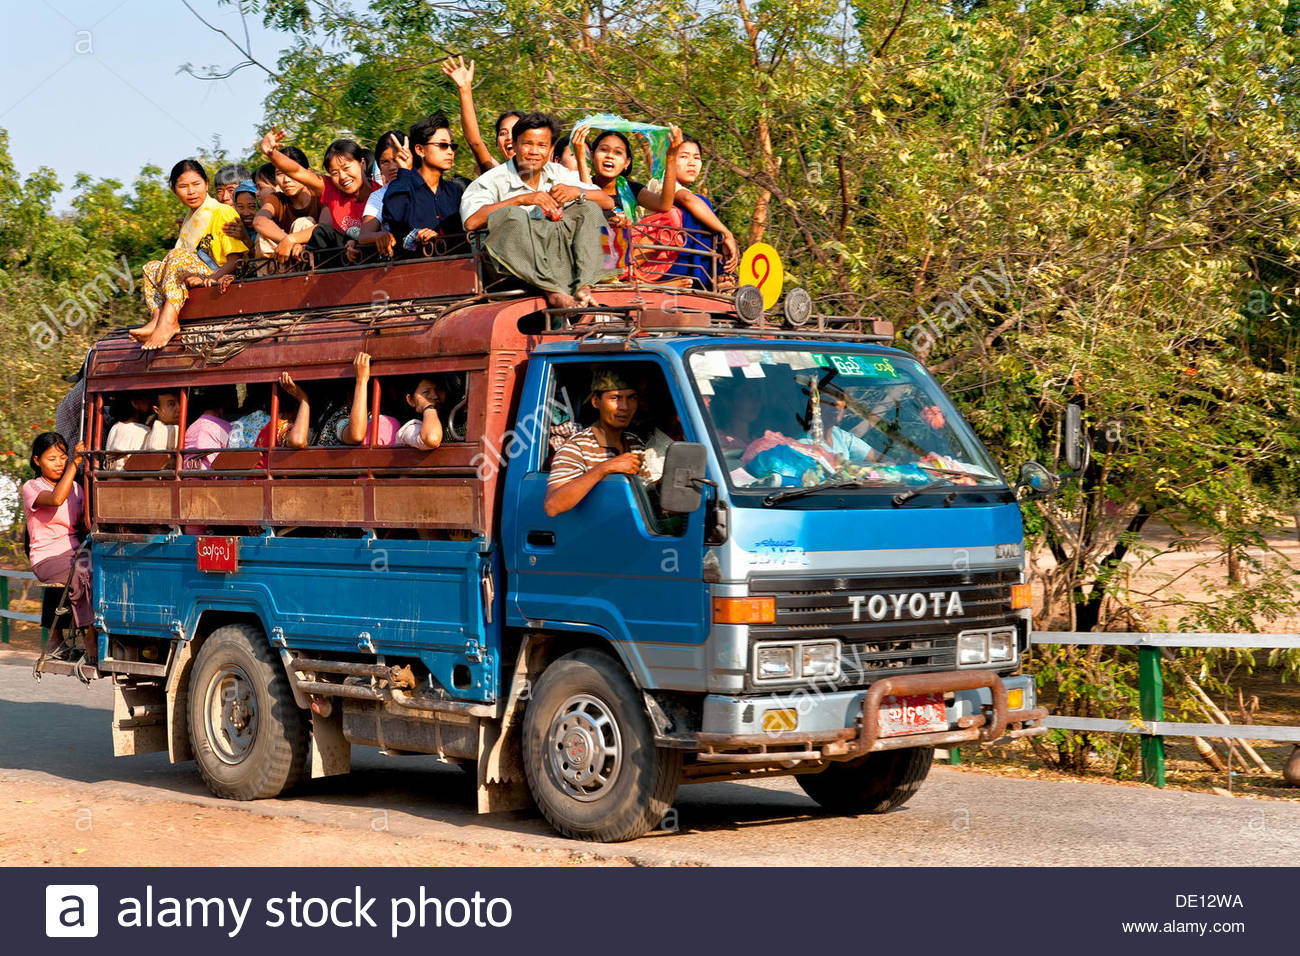 https://c8.alamy.com/comp/DE12WA/small-truck-or-bus-full-of-people-myanmar-burma-southeast-asia-asia-DE12WA.jpg